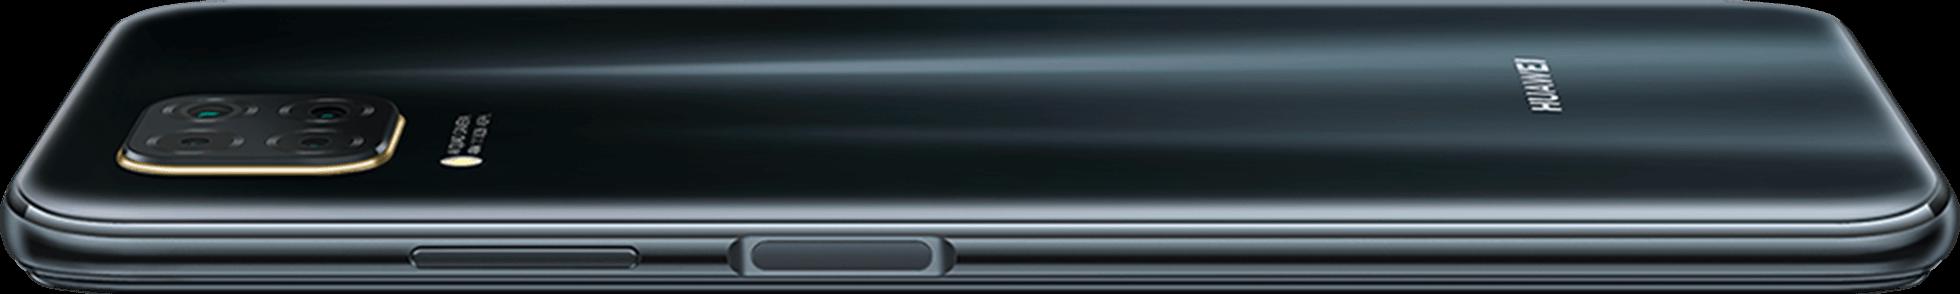 Spesifikasi Huawei Nova 7i